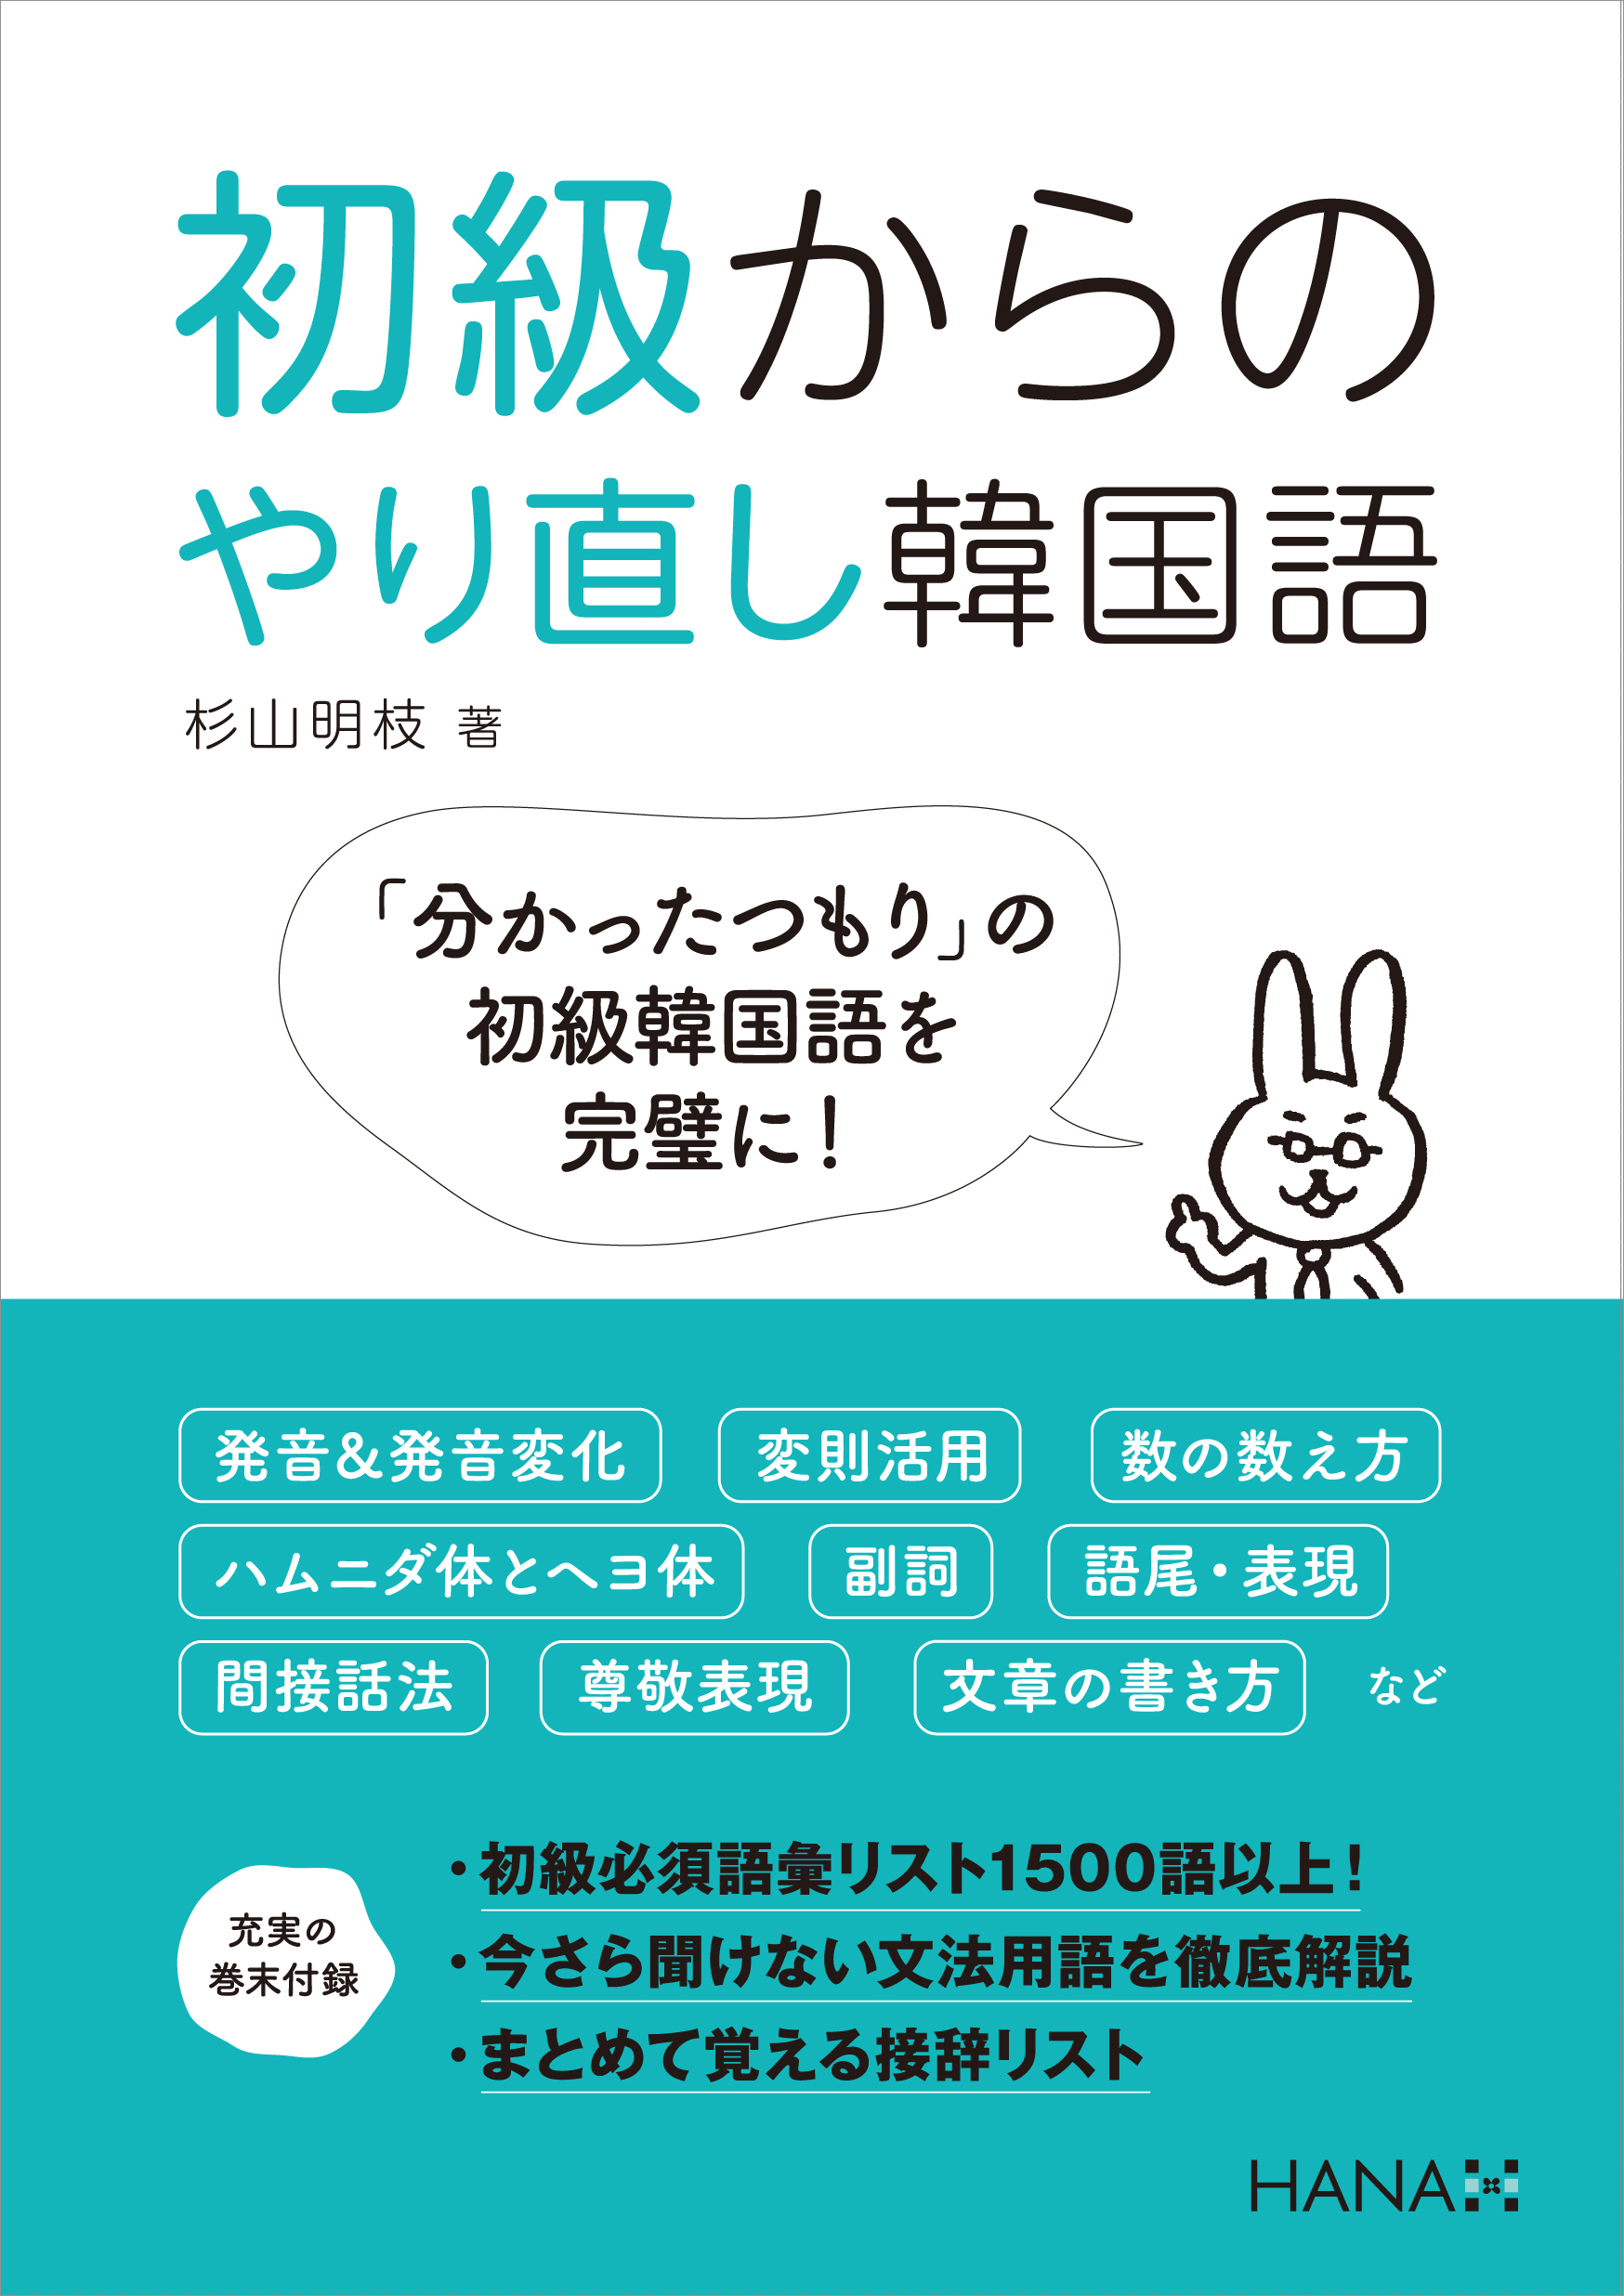 『初級からのやり直し韓国語』のイメージ